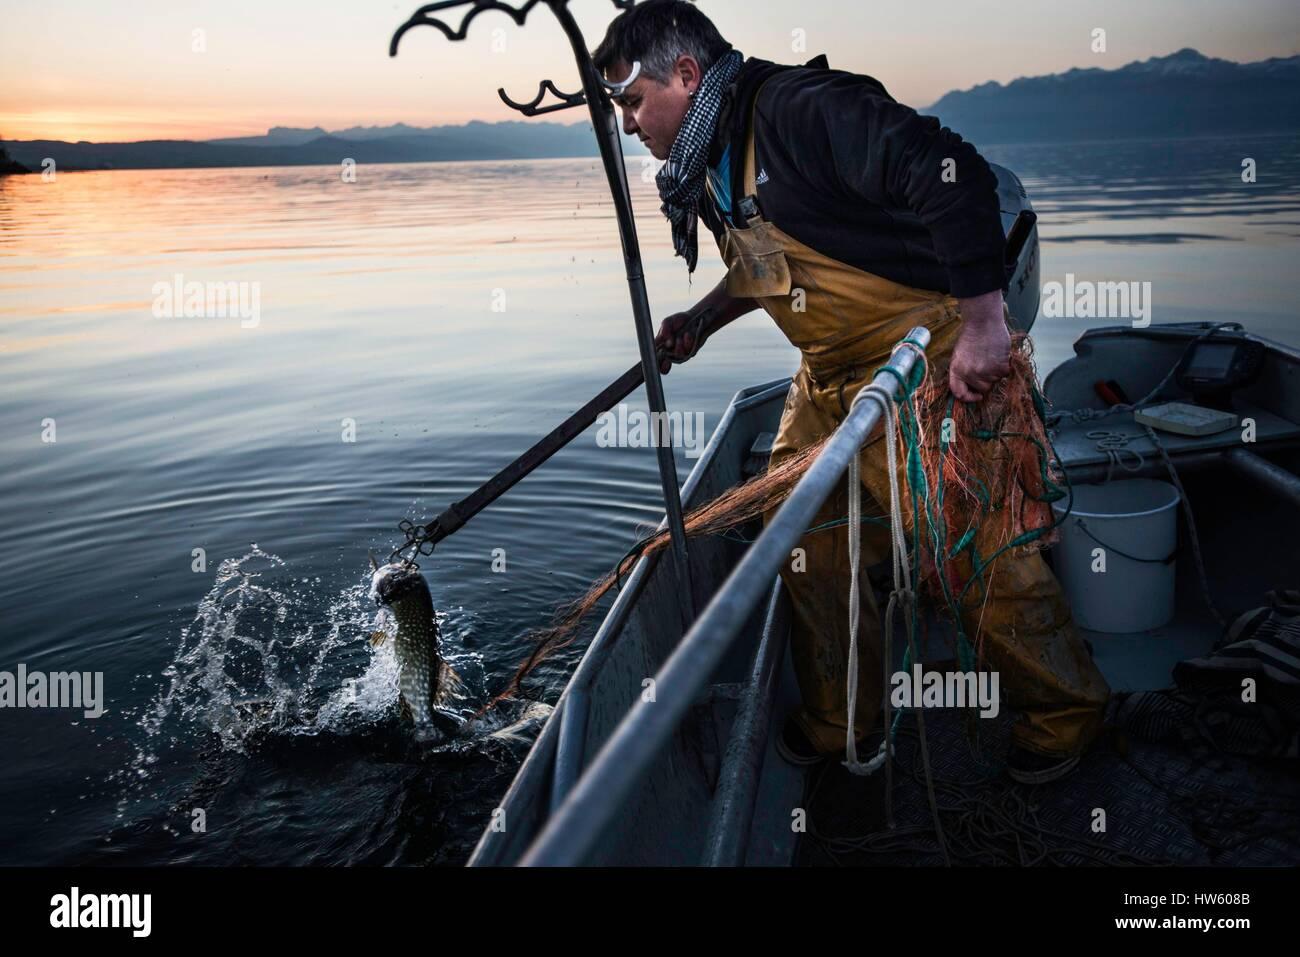 La Svizzera, nel cantone di Vaud, Morges, Manu Torrent, pescatore professionista a Tolochenaz, giorno di apertura Immagini Stock